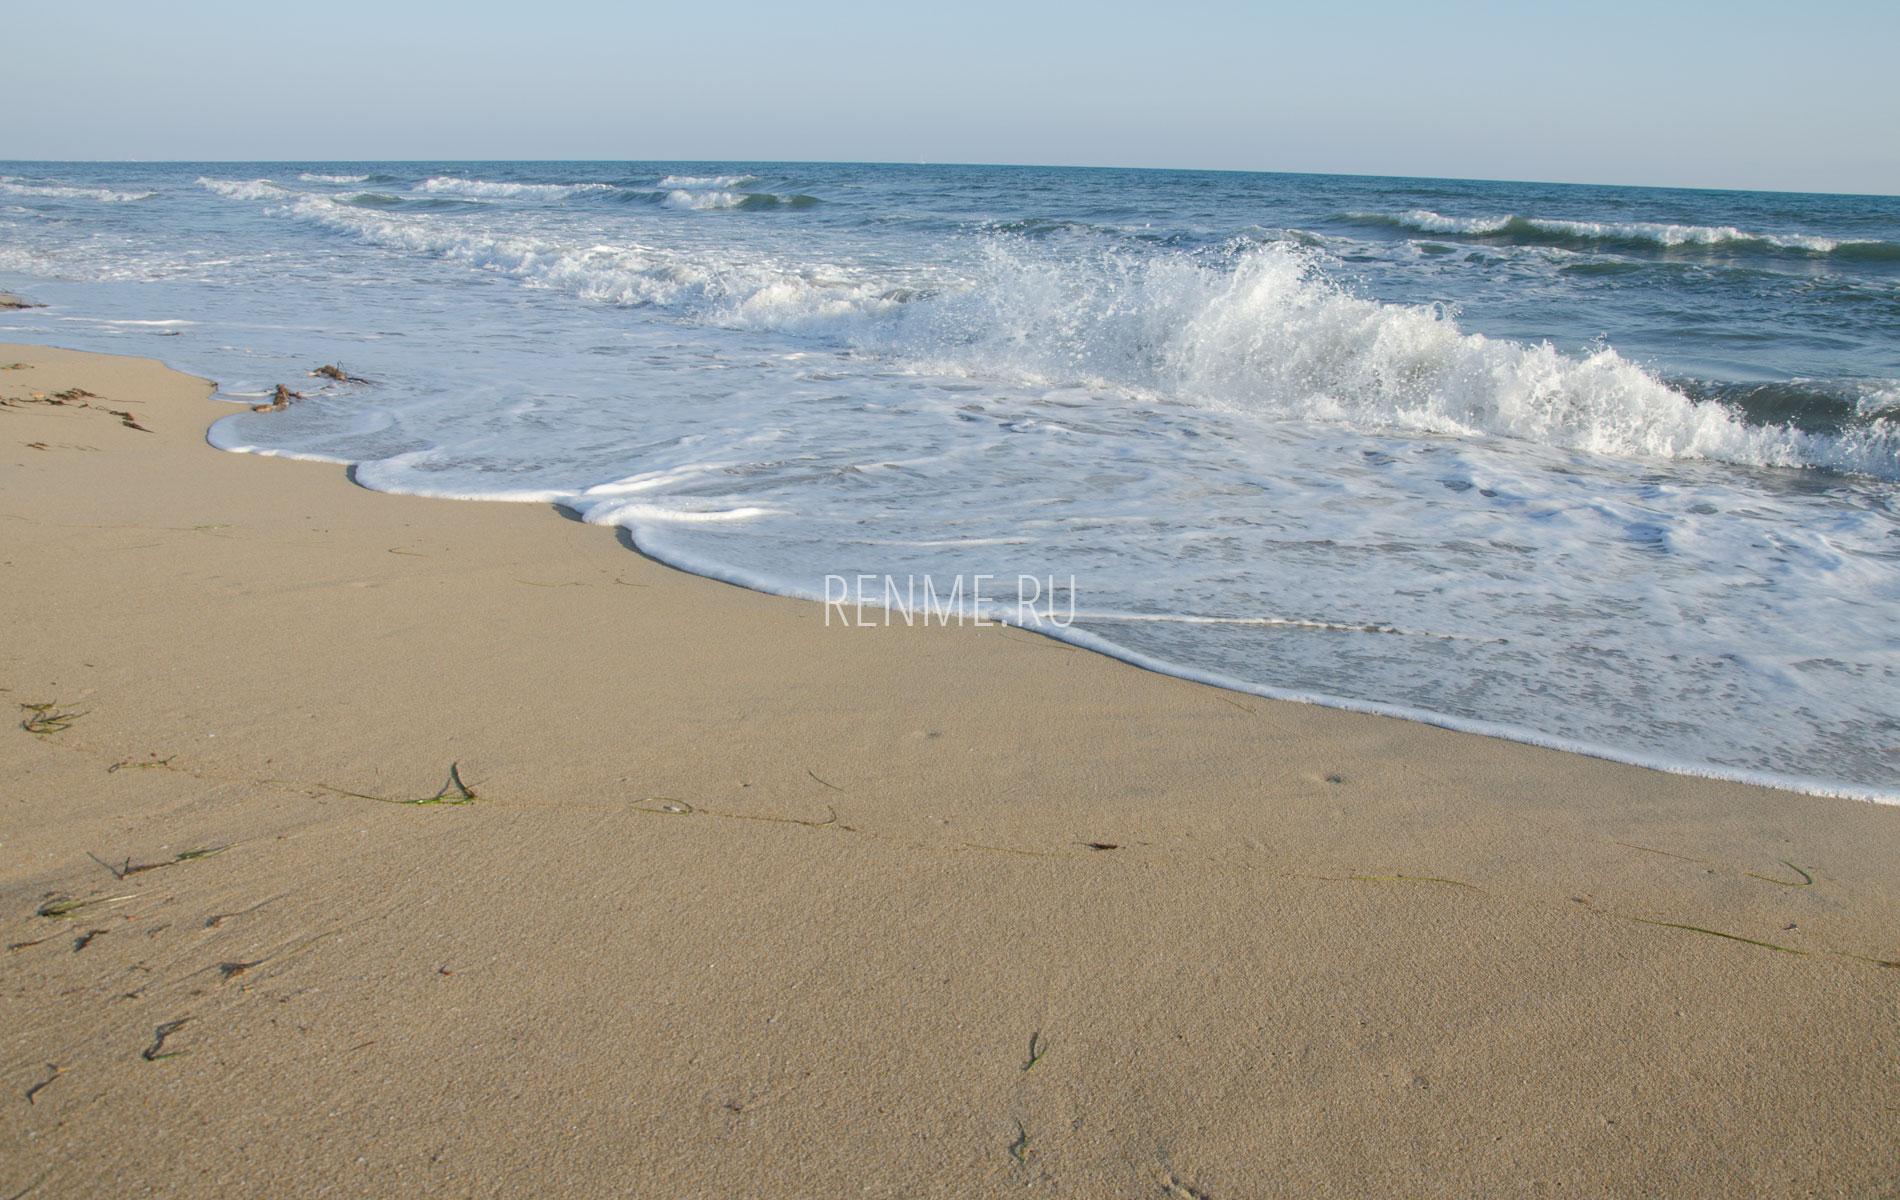 героиня романтичная картинки евпатории в крыму море имея товарища, который